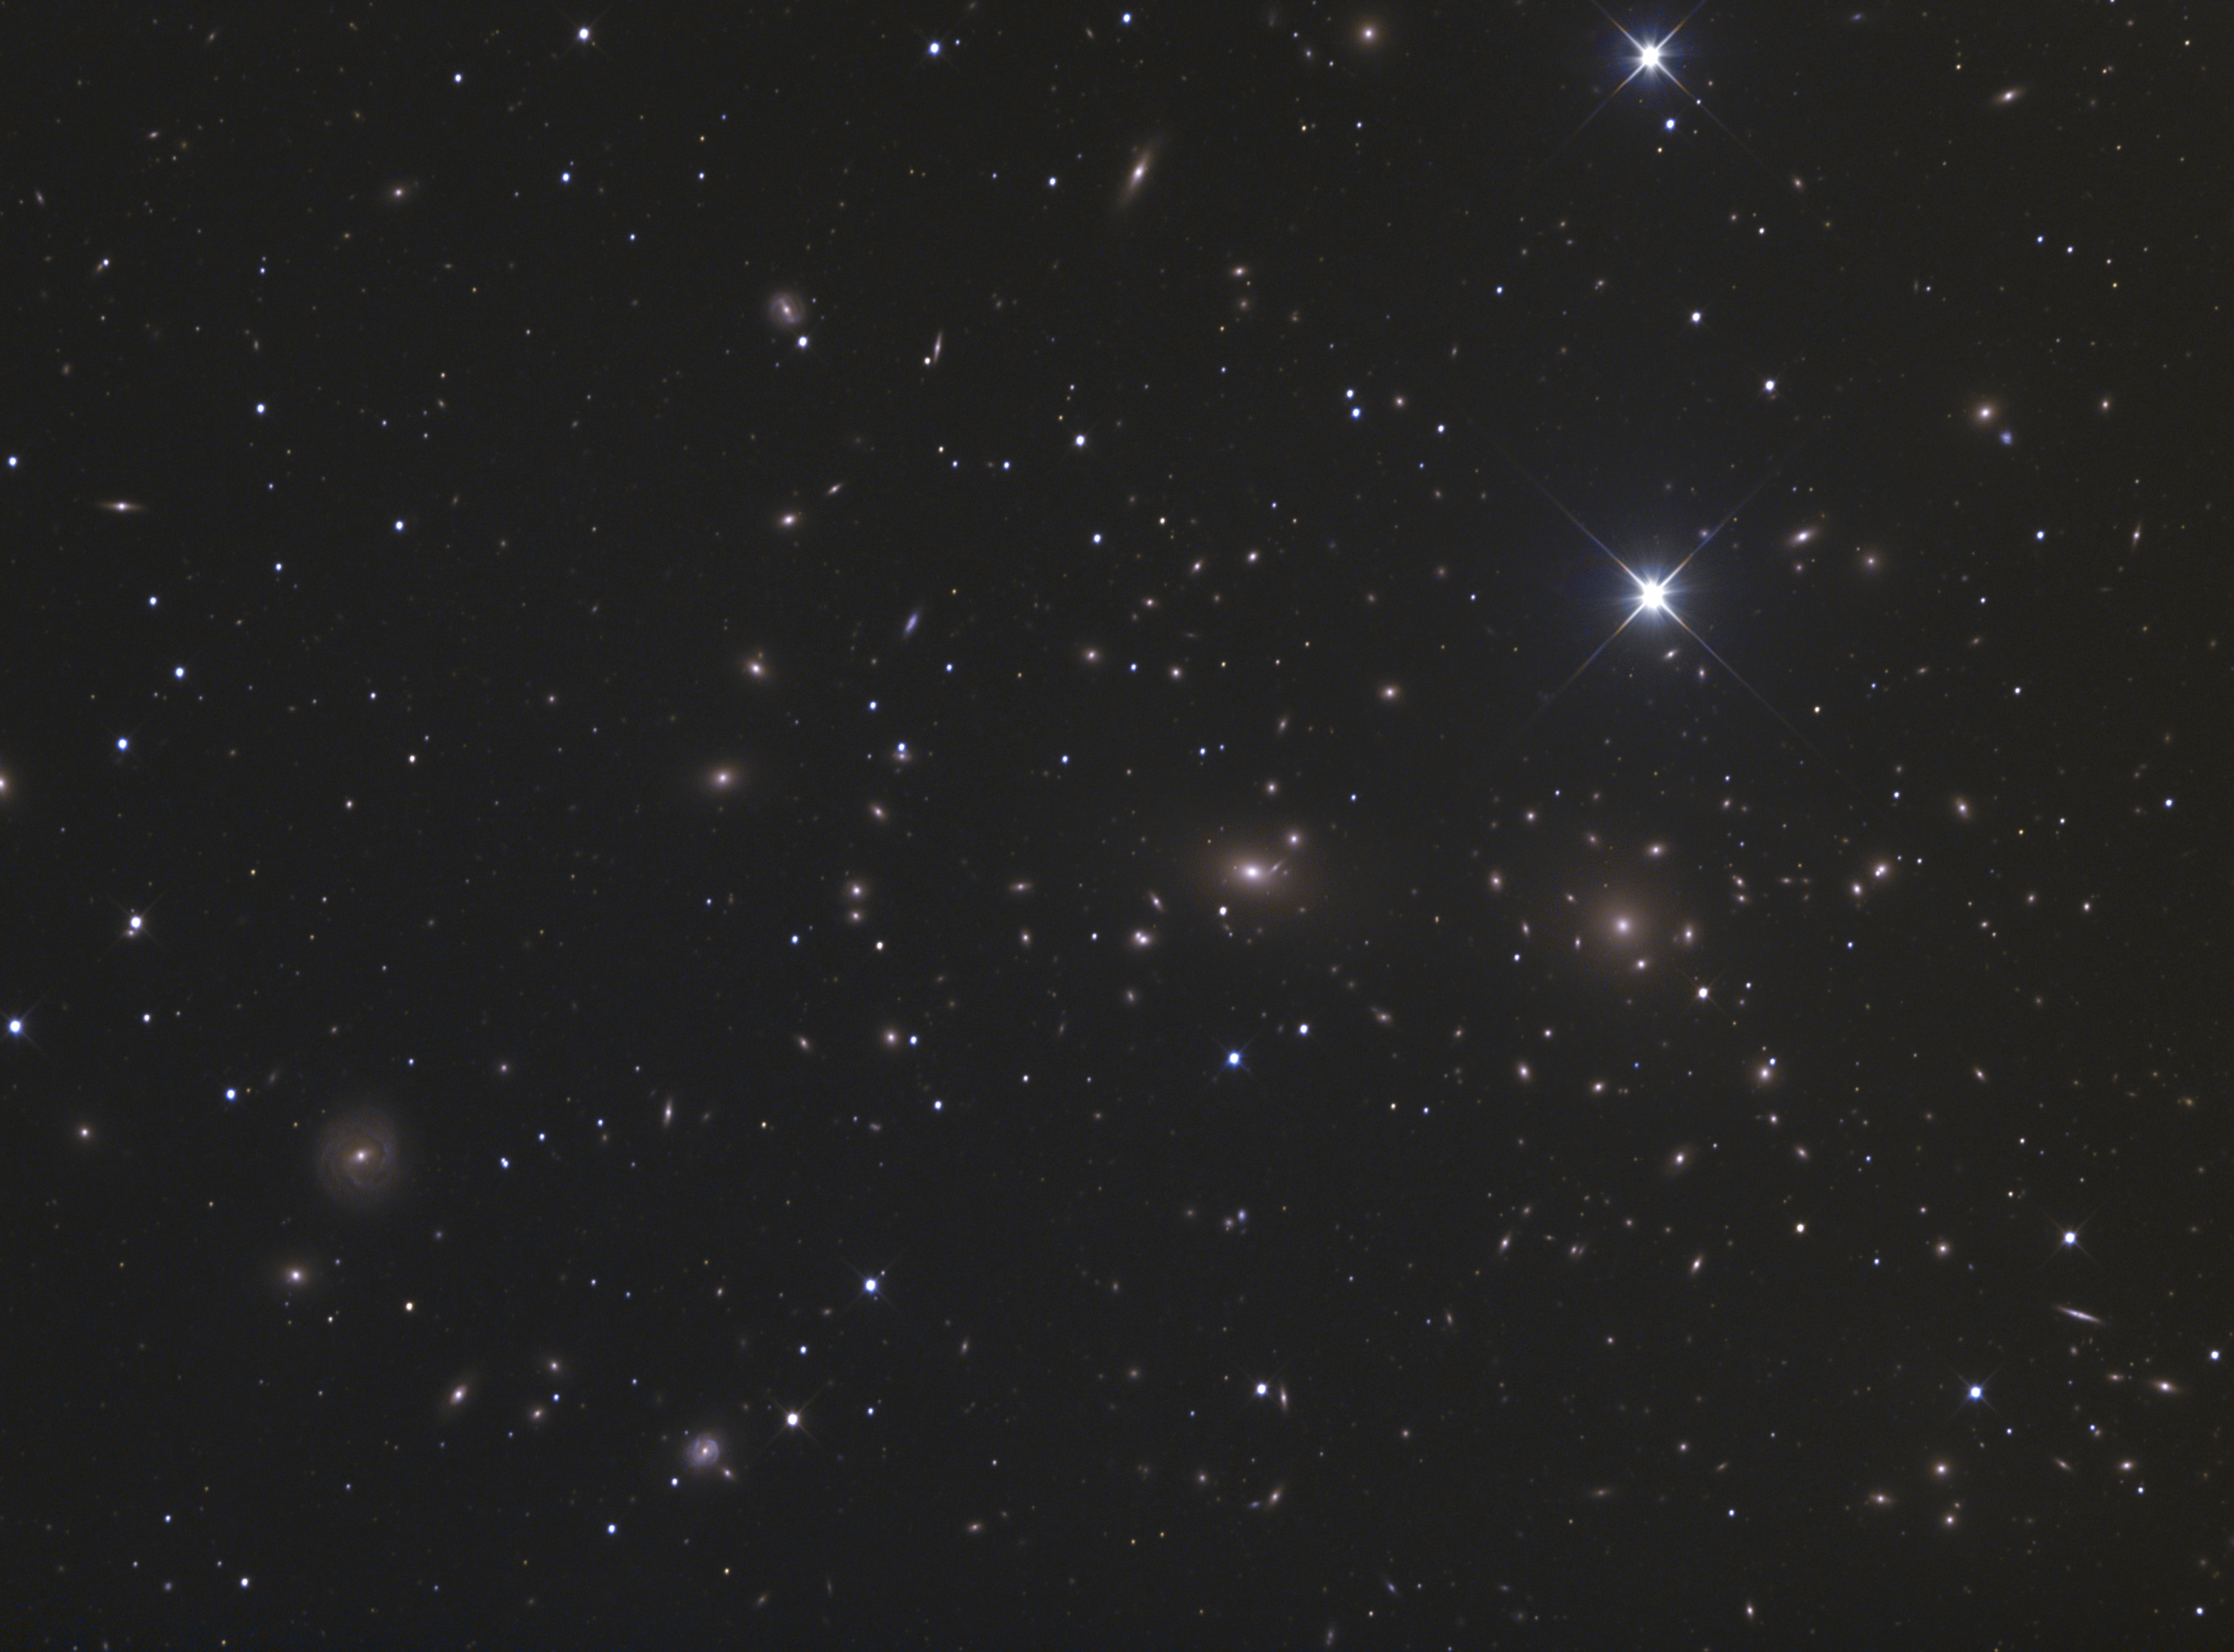 ngc4921-lrvb-1.jpg